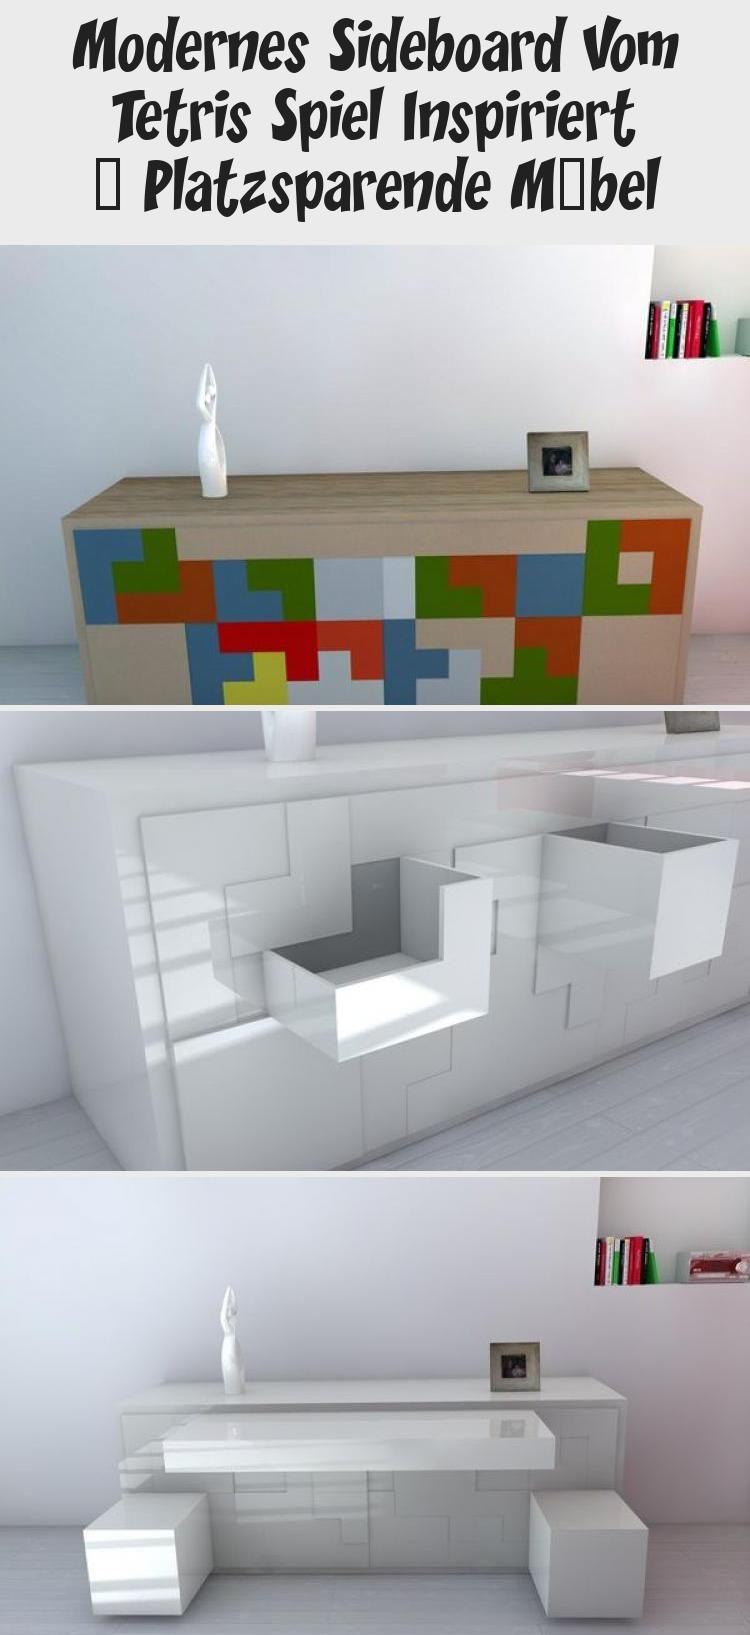 modernes sideboard vom tetris spiel inspiriert